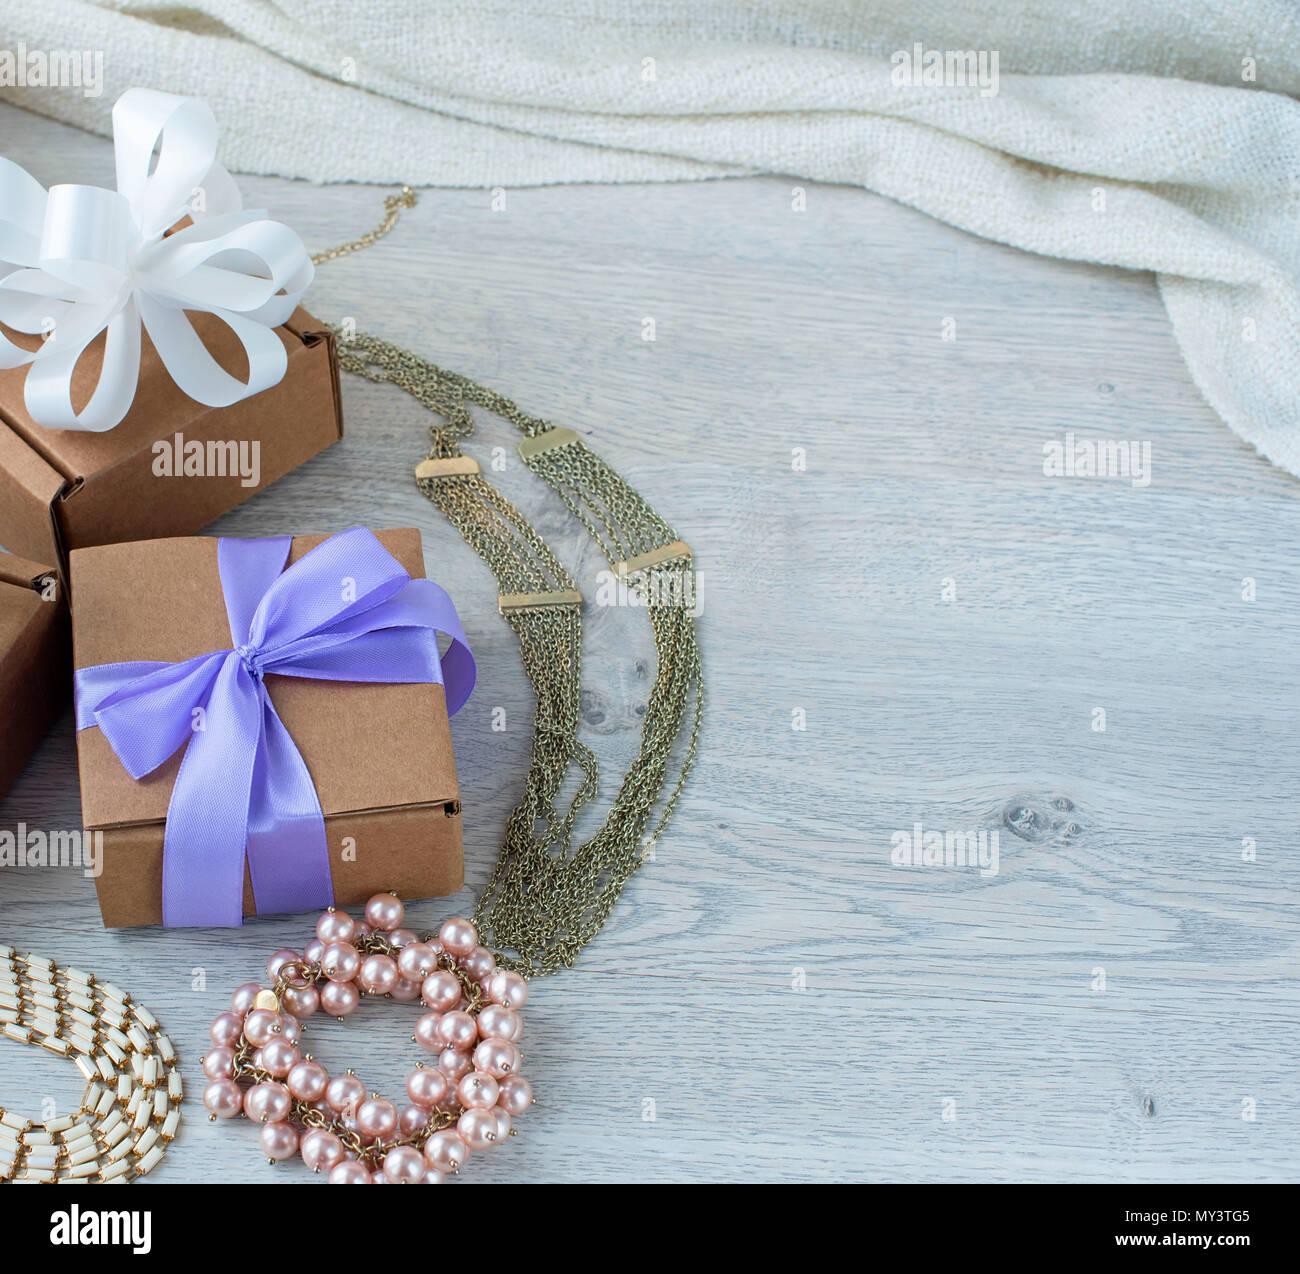 83973e34c70a Cajas de regalo con regalos. Joyería de mujeres sobre un fondo de madera  ligera.